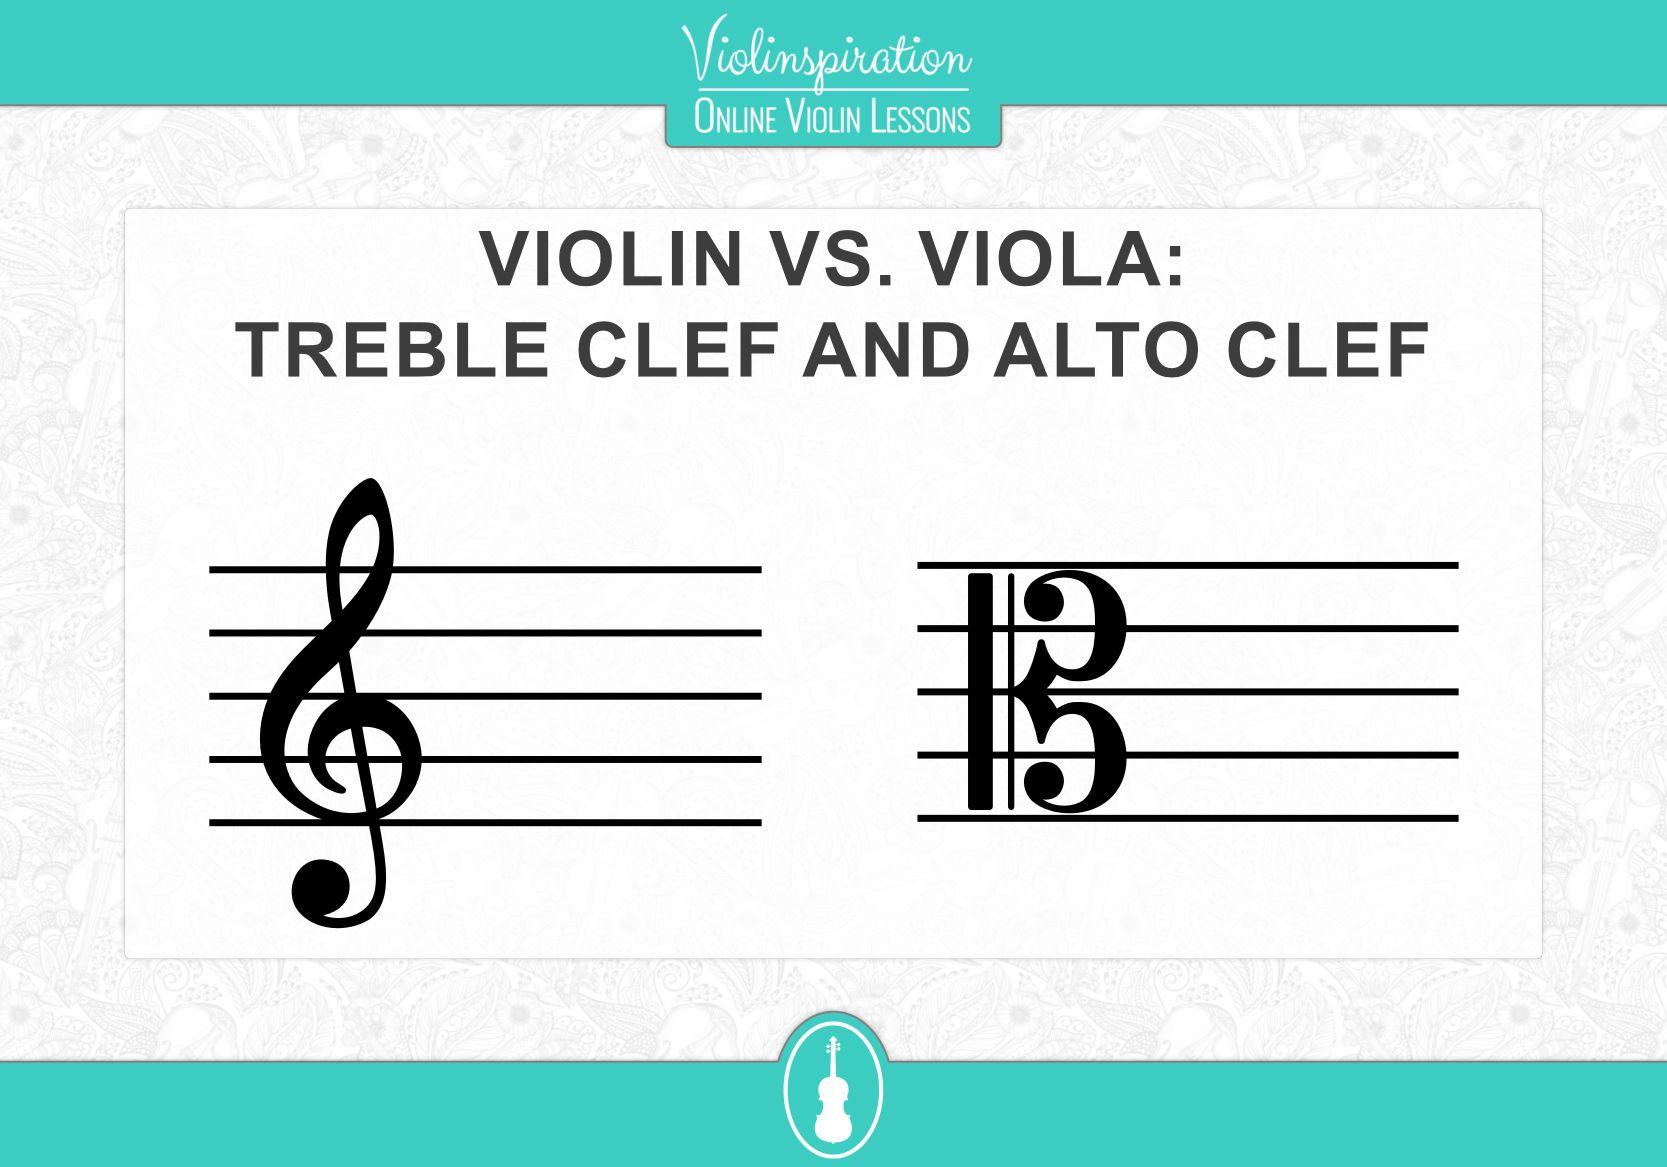 Violin vs viola - Treble Clef and Alto Clef